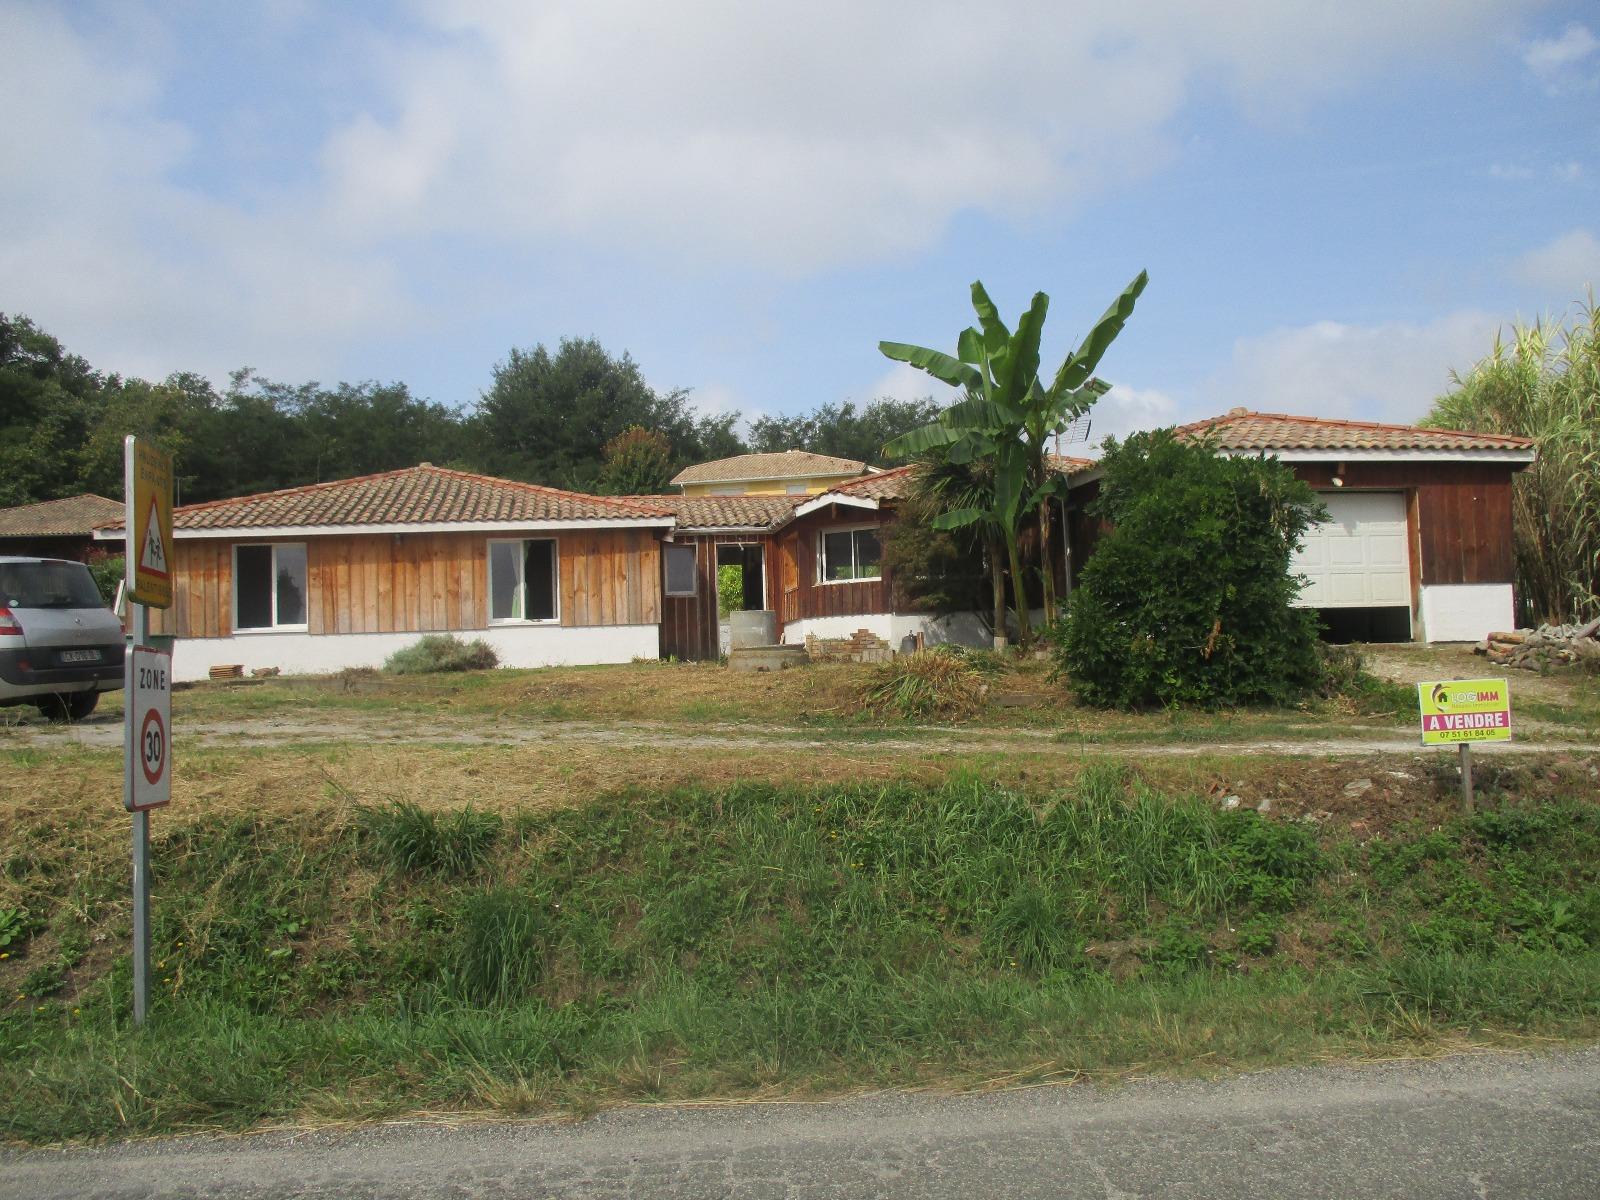 Maison a ossature bois de 130 m2 logimm immobilier for Budget construction maison 130 m2